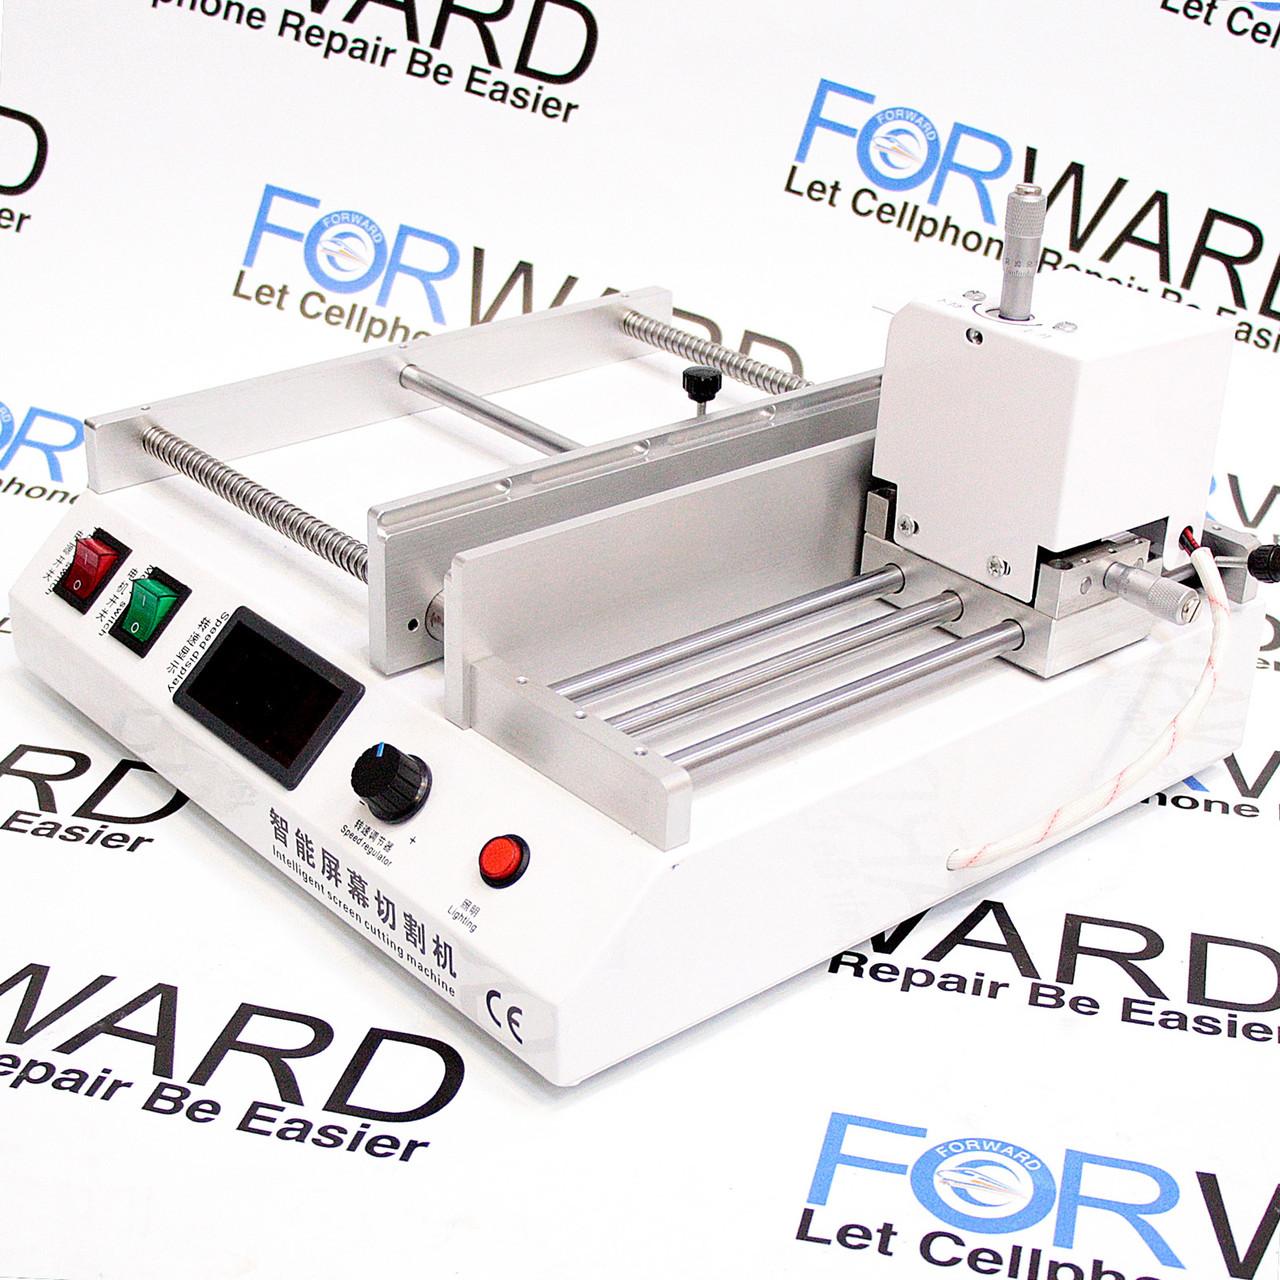 Forward FW-777 станок-фрезер для срезки экранов и рамок мобильного телефона